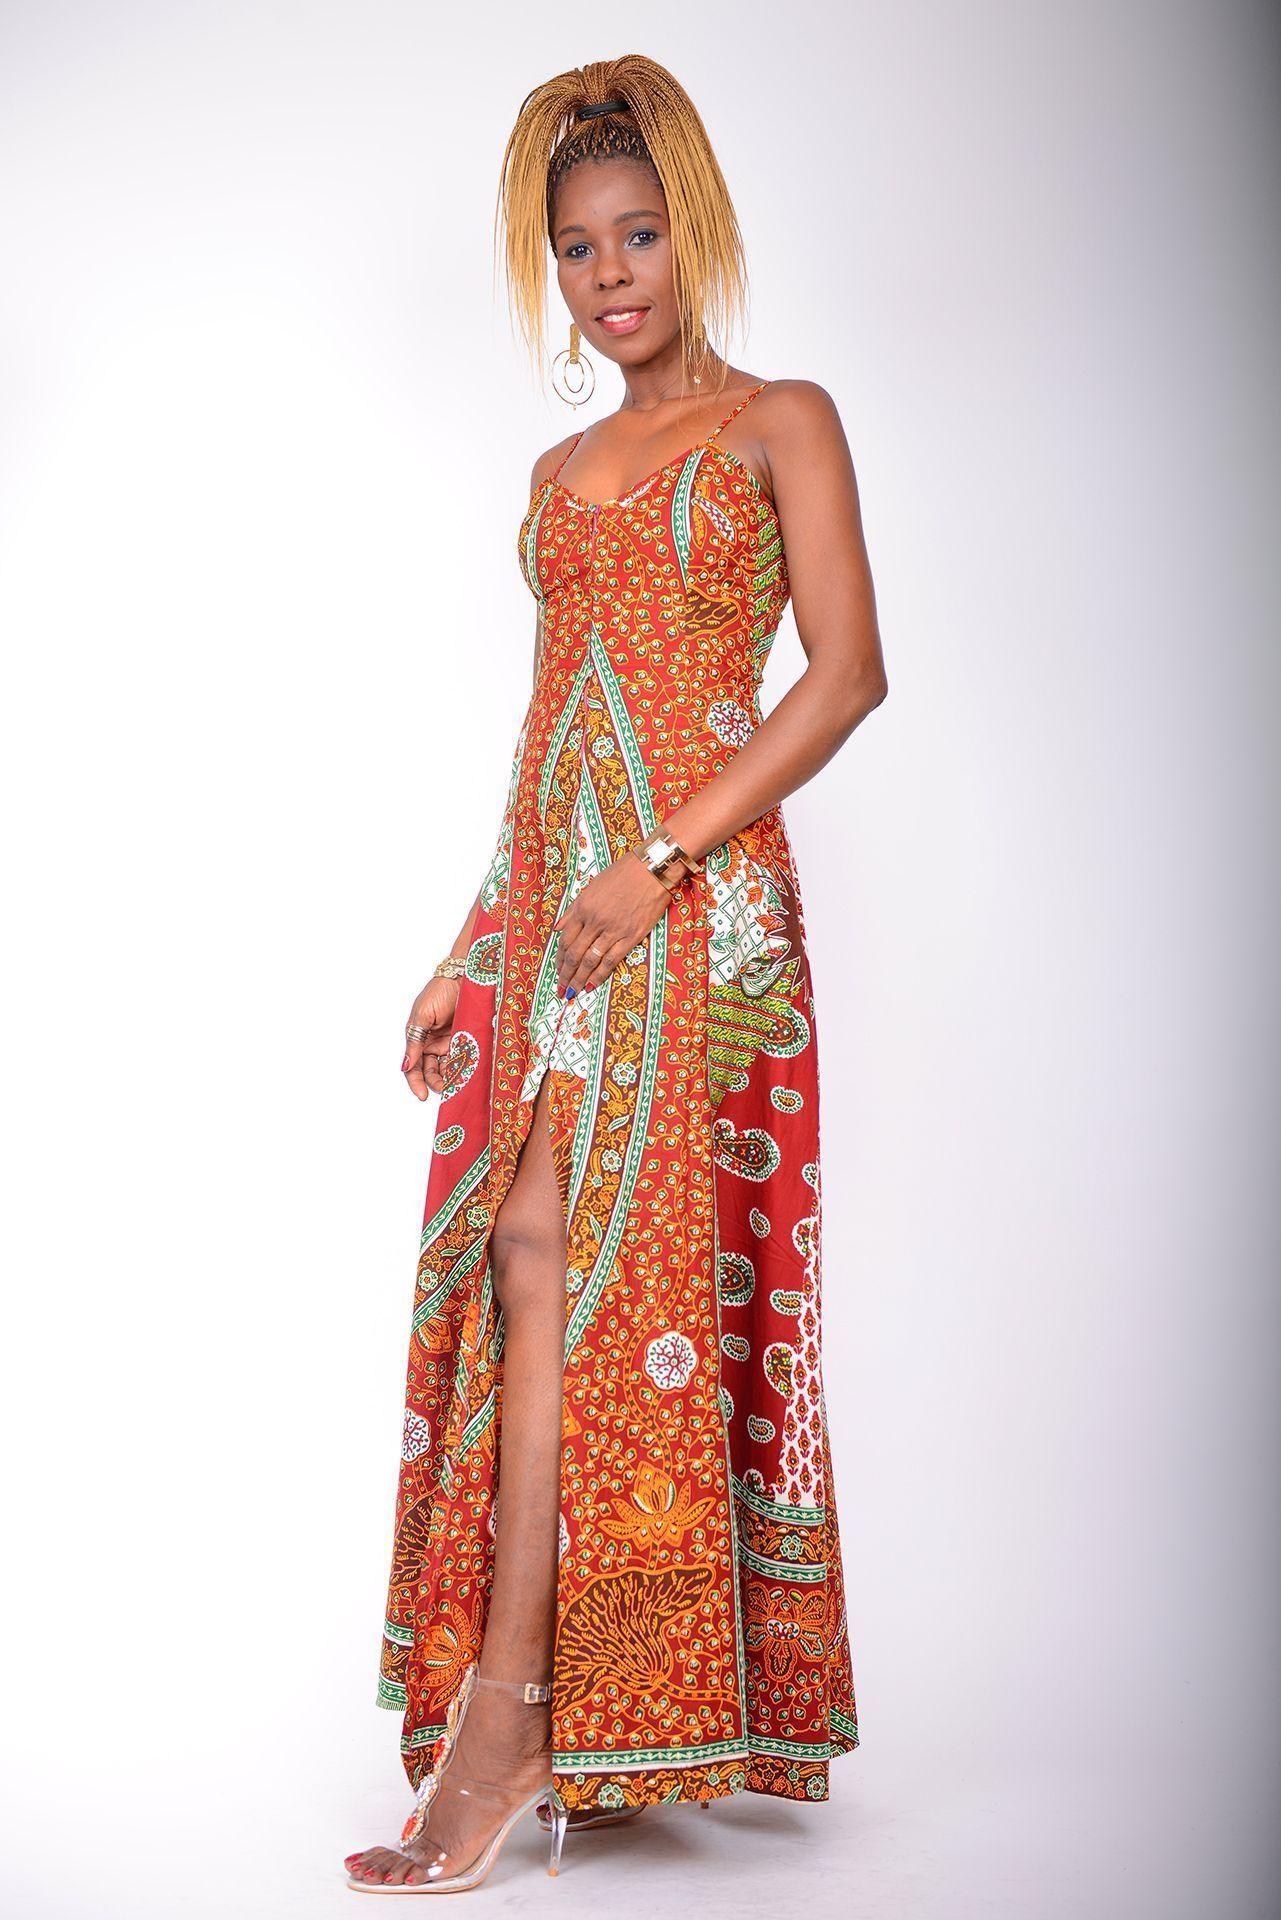 Afrikanisches Kleid Paterne #afrikanischeskleid Afrikanisches Kleid Paterne #afrikanischeskleid Afrikanisches Kleid Paterne #afrikanischeskleid Afrikanisches Kleid Paterne #afrikanischeskleid Afrikanisches Kleid Paterne #afrikanischeskleid Afrikanisches Kleid Paterne #afrikanischeskleid Afrikanisches Kleid Paterne #afrikanischeskleid Afrikanisches Kleid Paterne #afrikanischeskleid